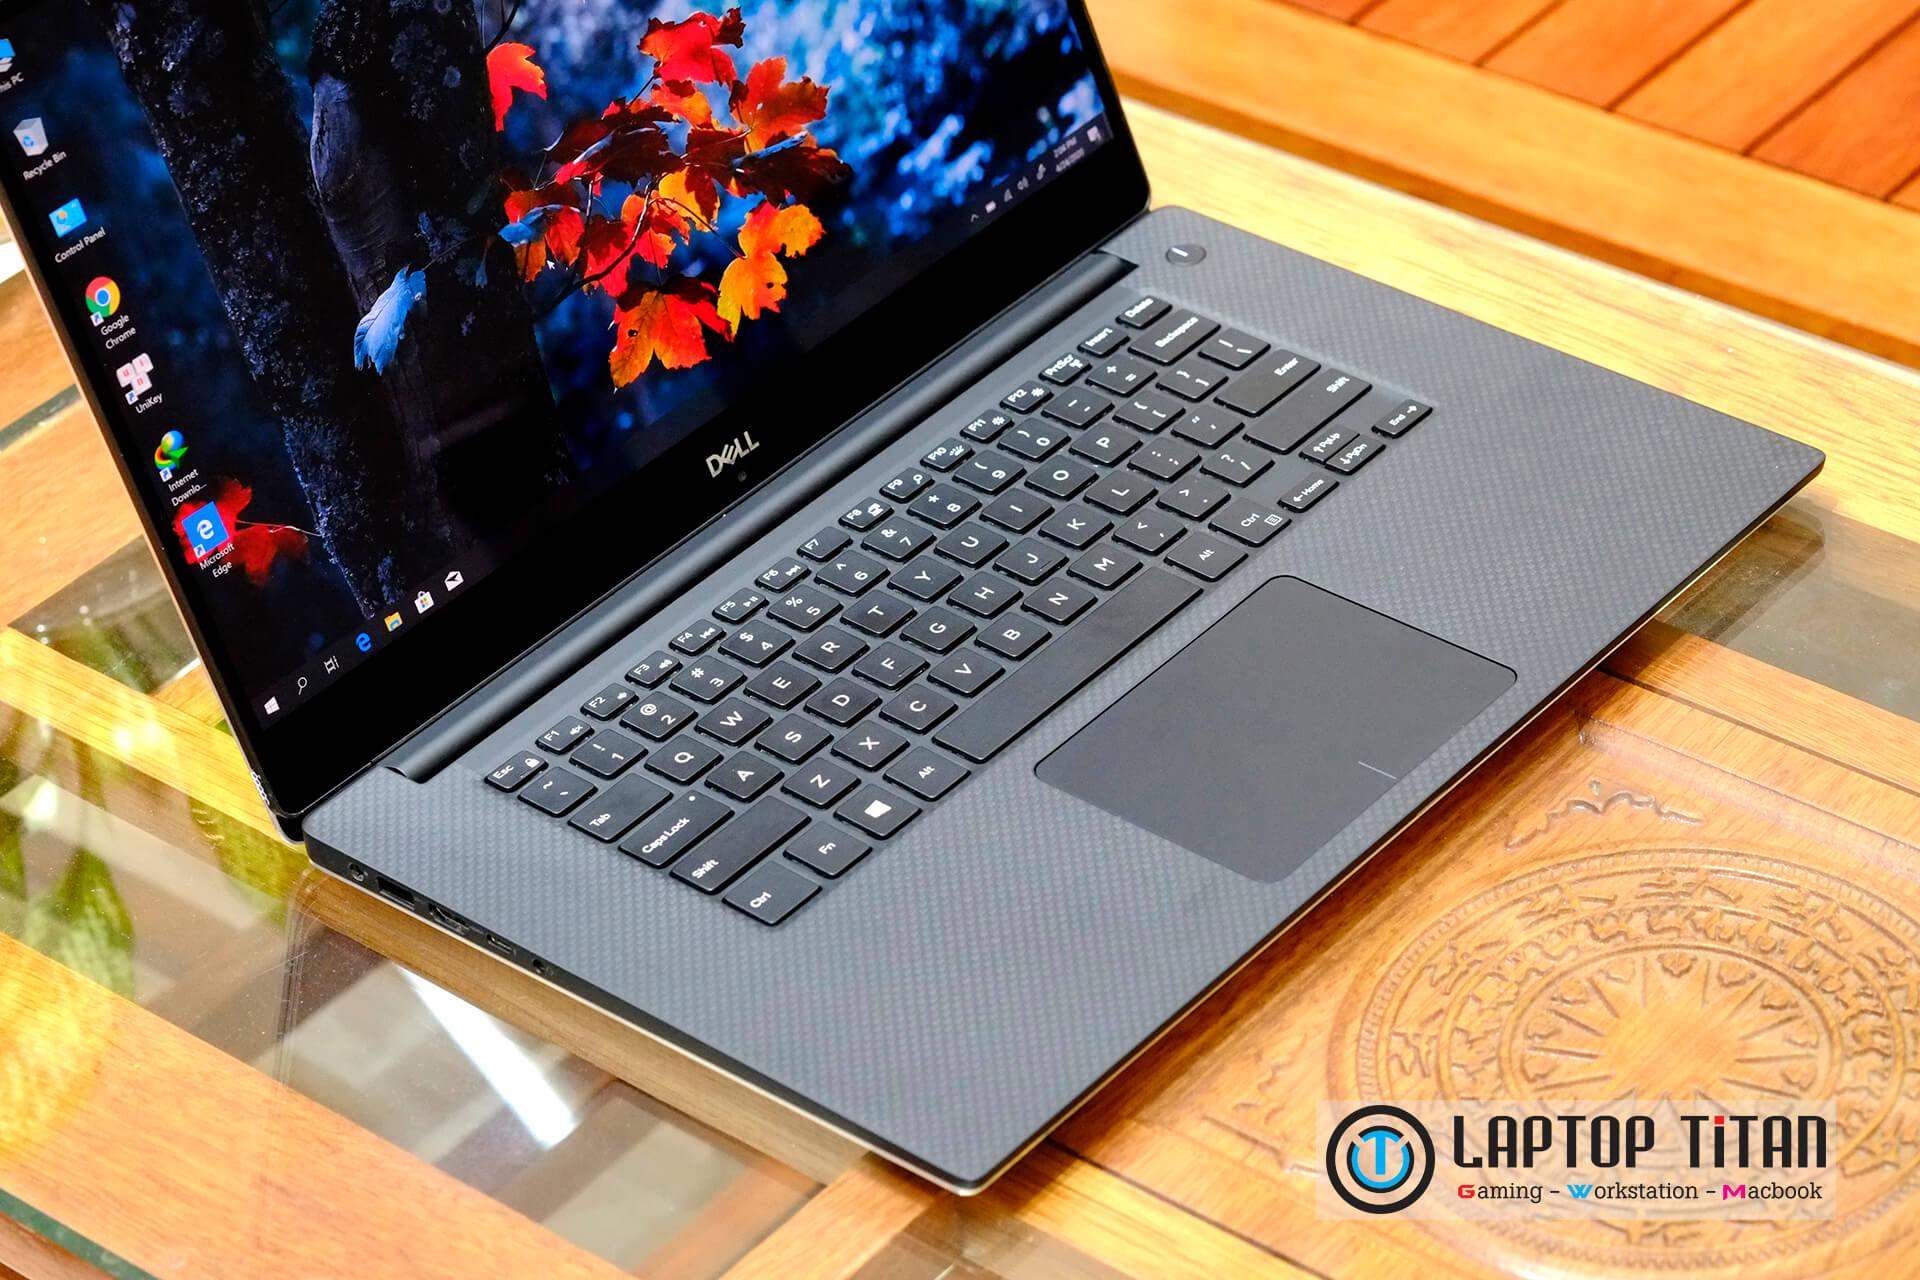 Dell Xps 15 9570 Laptoptitan 02